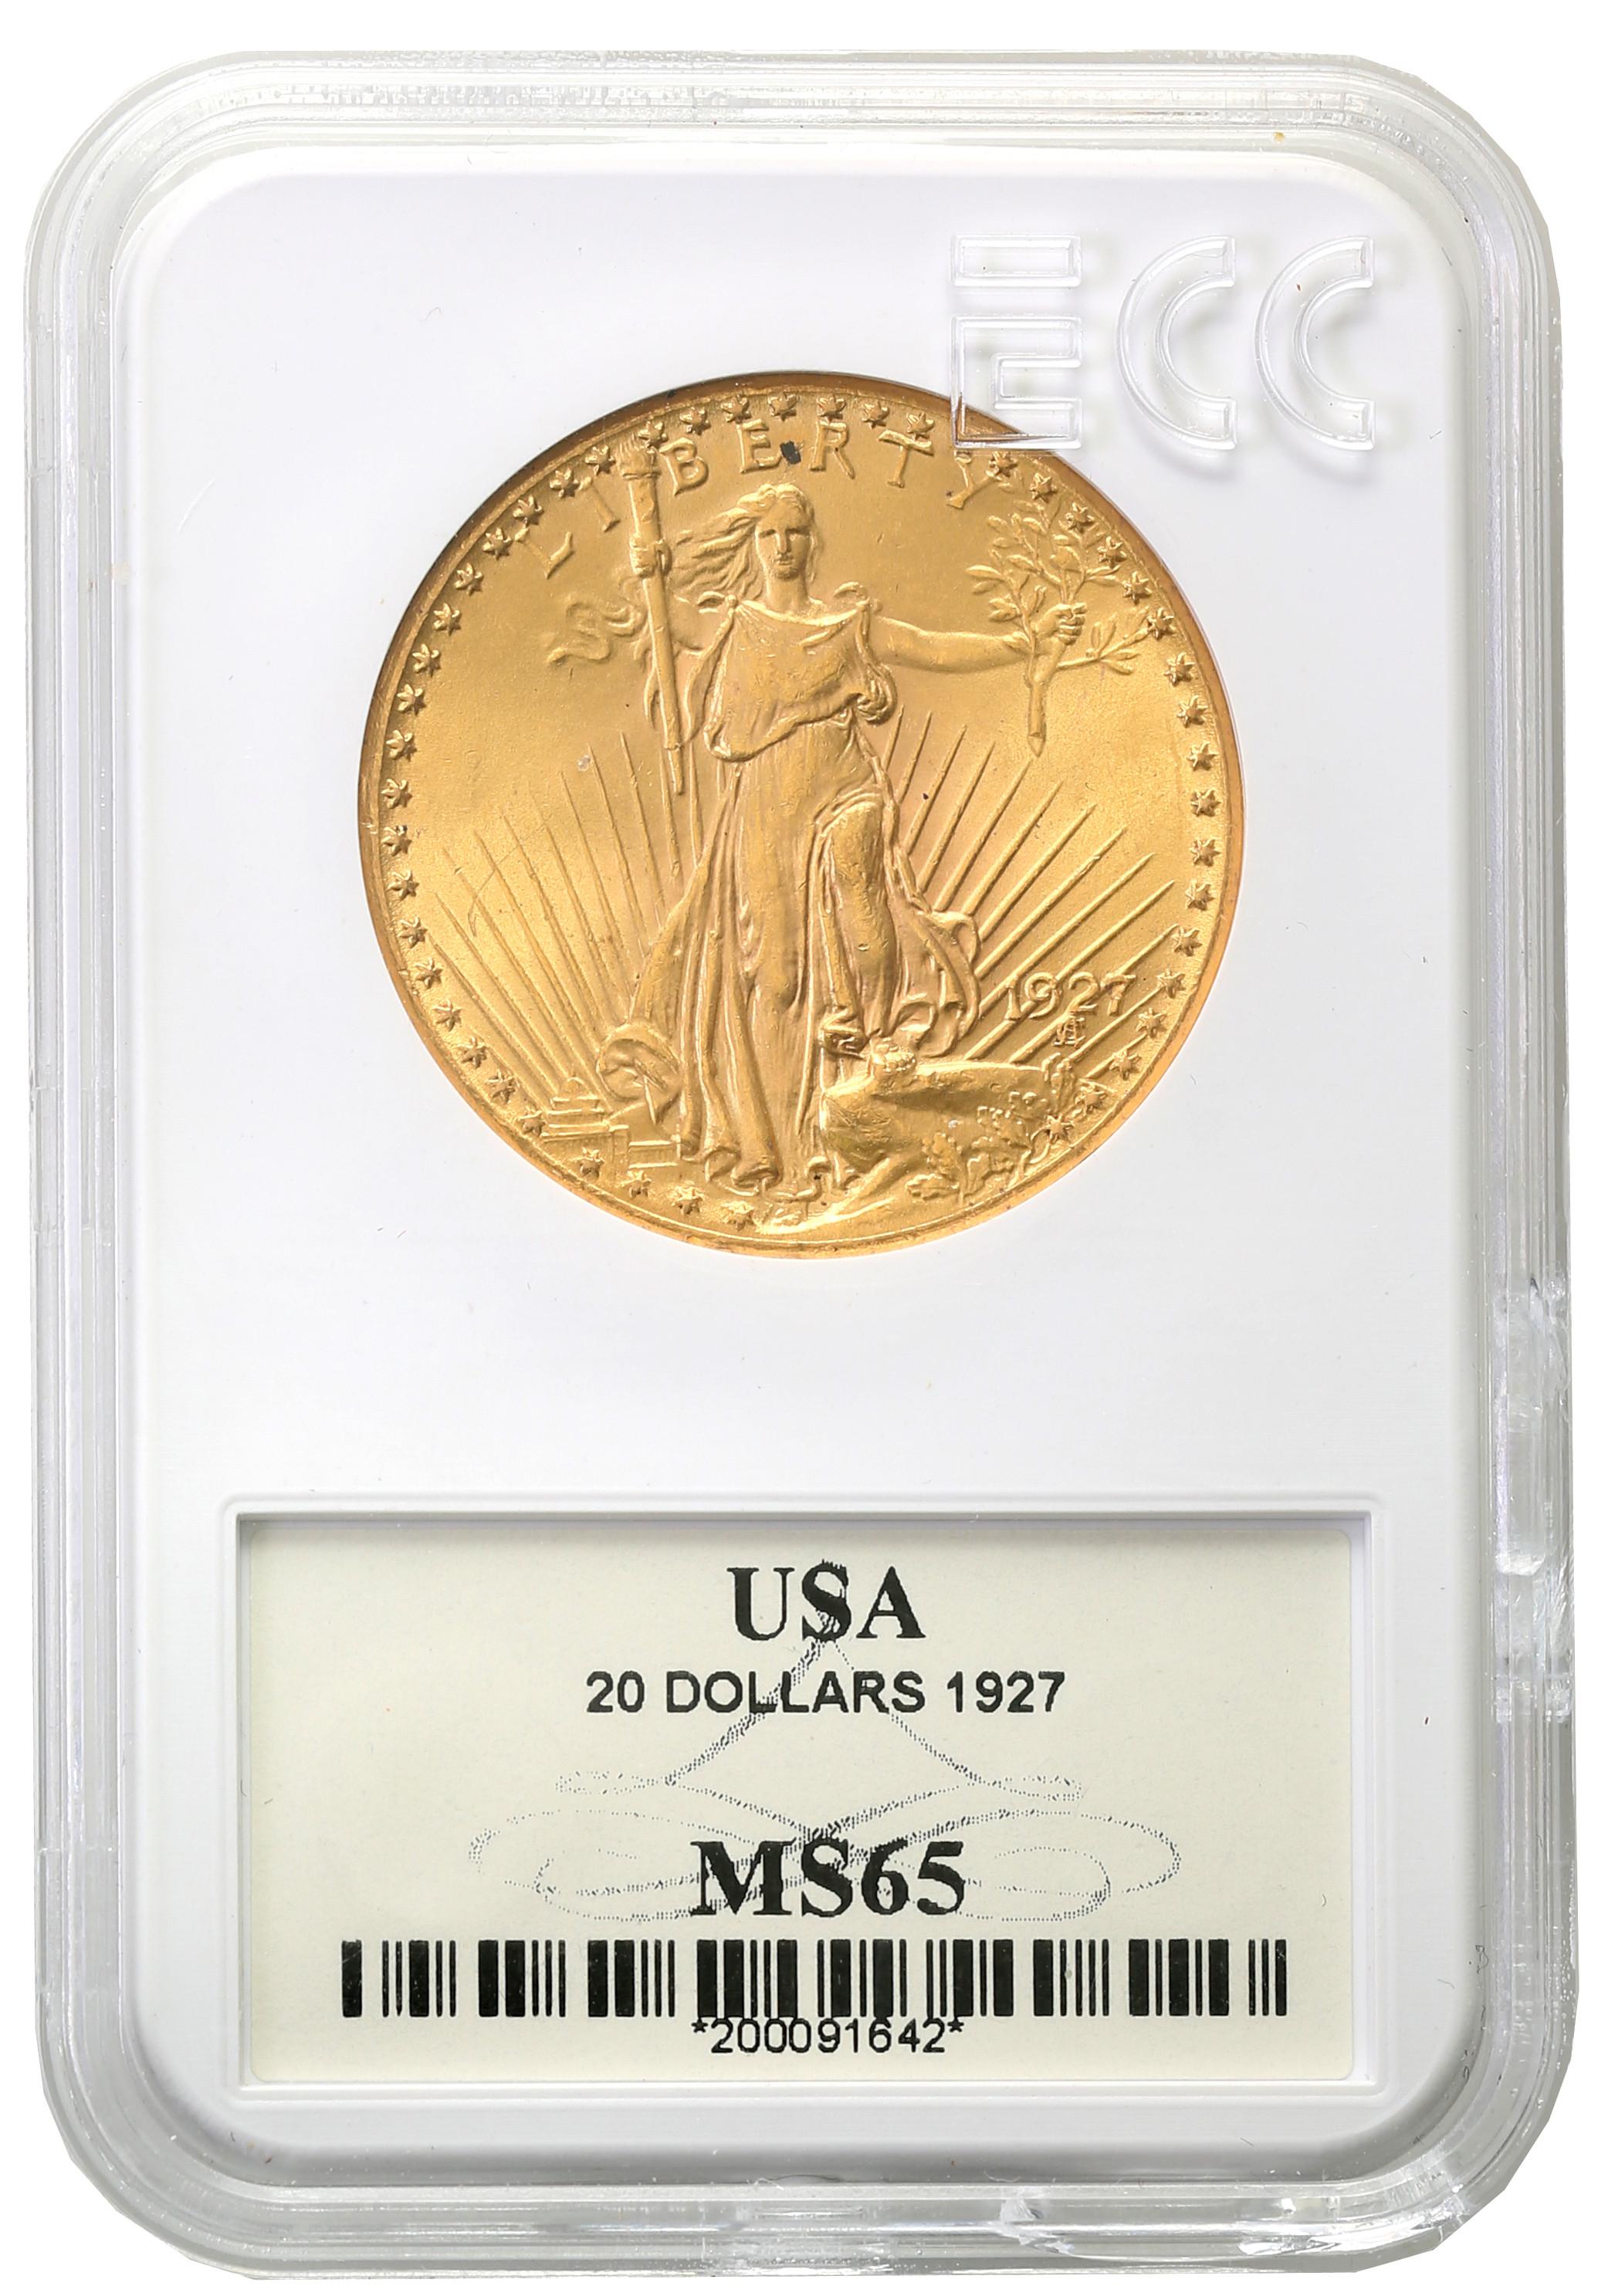 USA. 20 dolarów Saint Gaudens 1927 GCN MS65